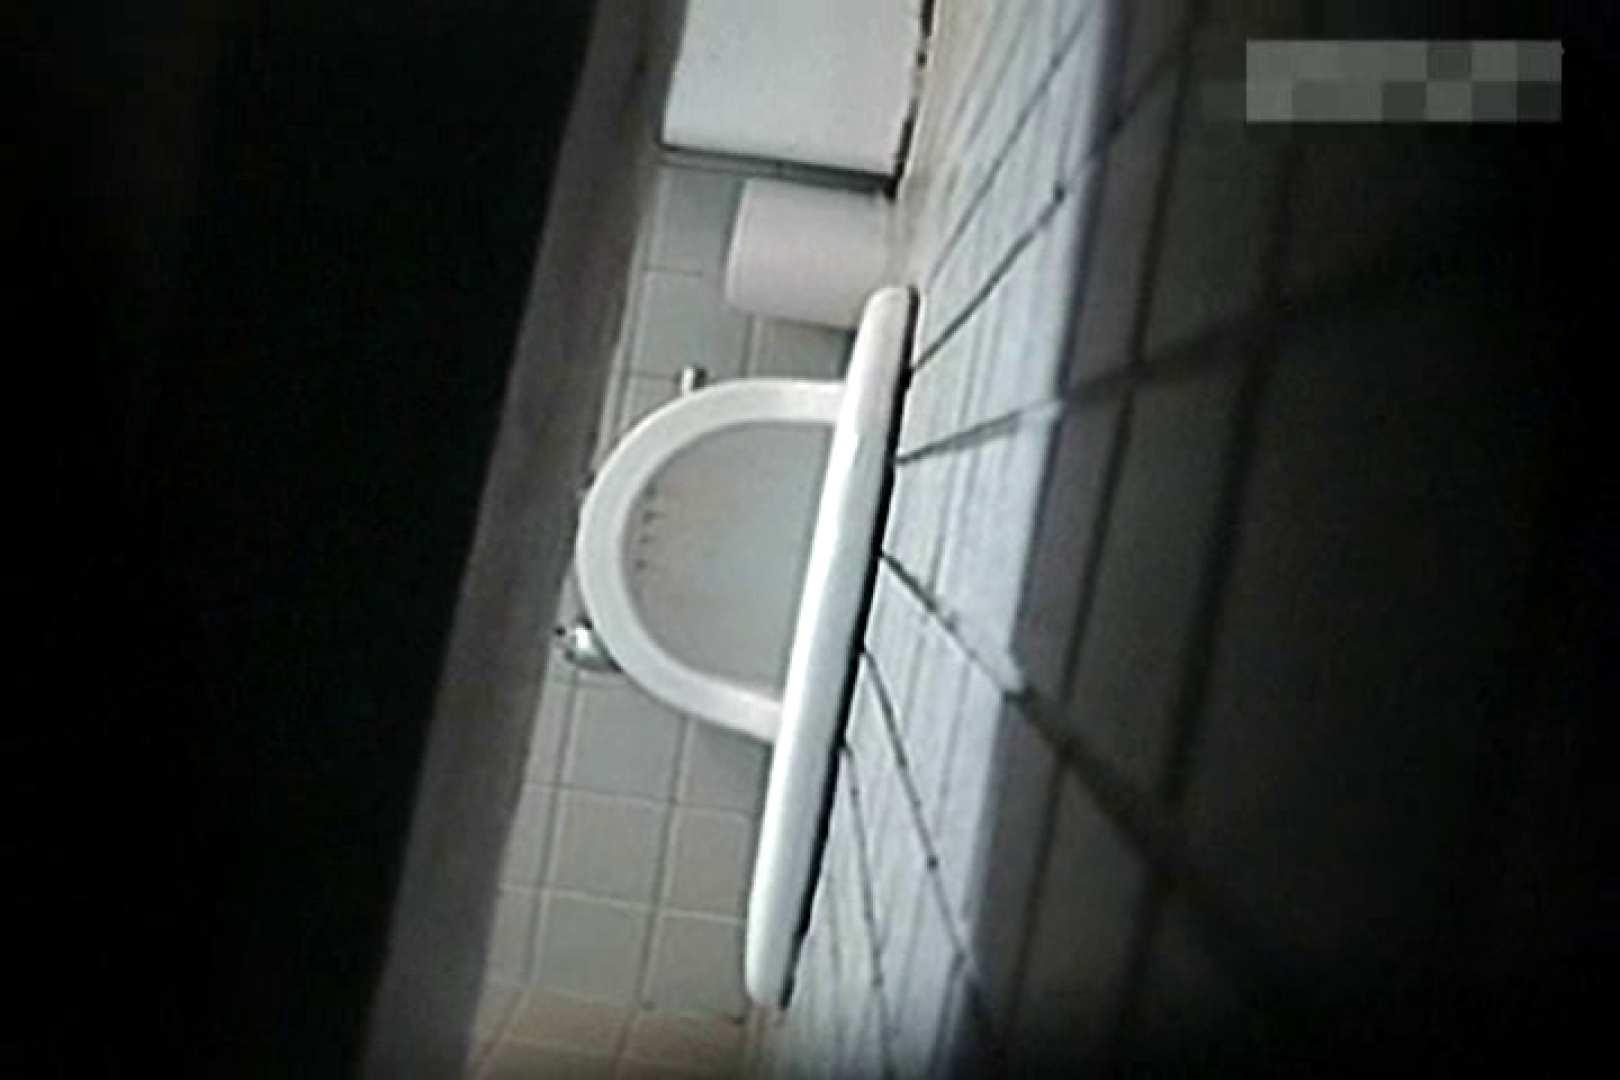 個室狂いのマニア映像Vol.2 OLセックス  98画像 40